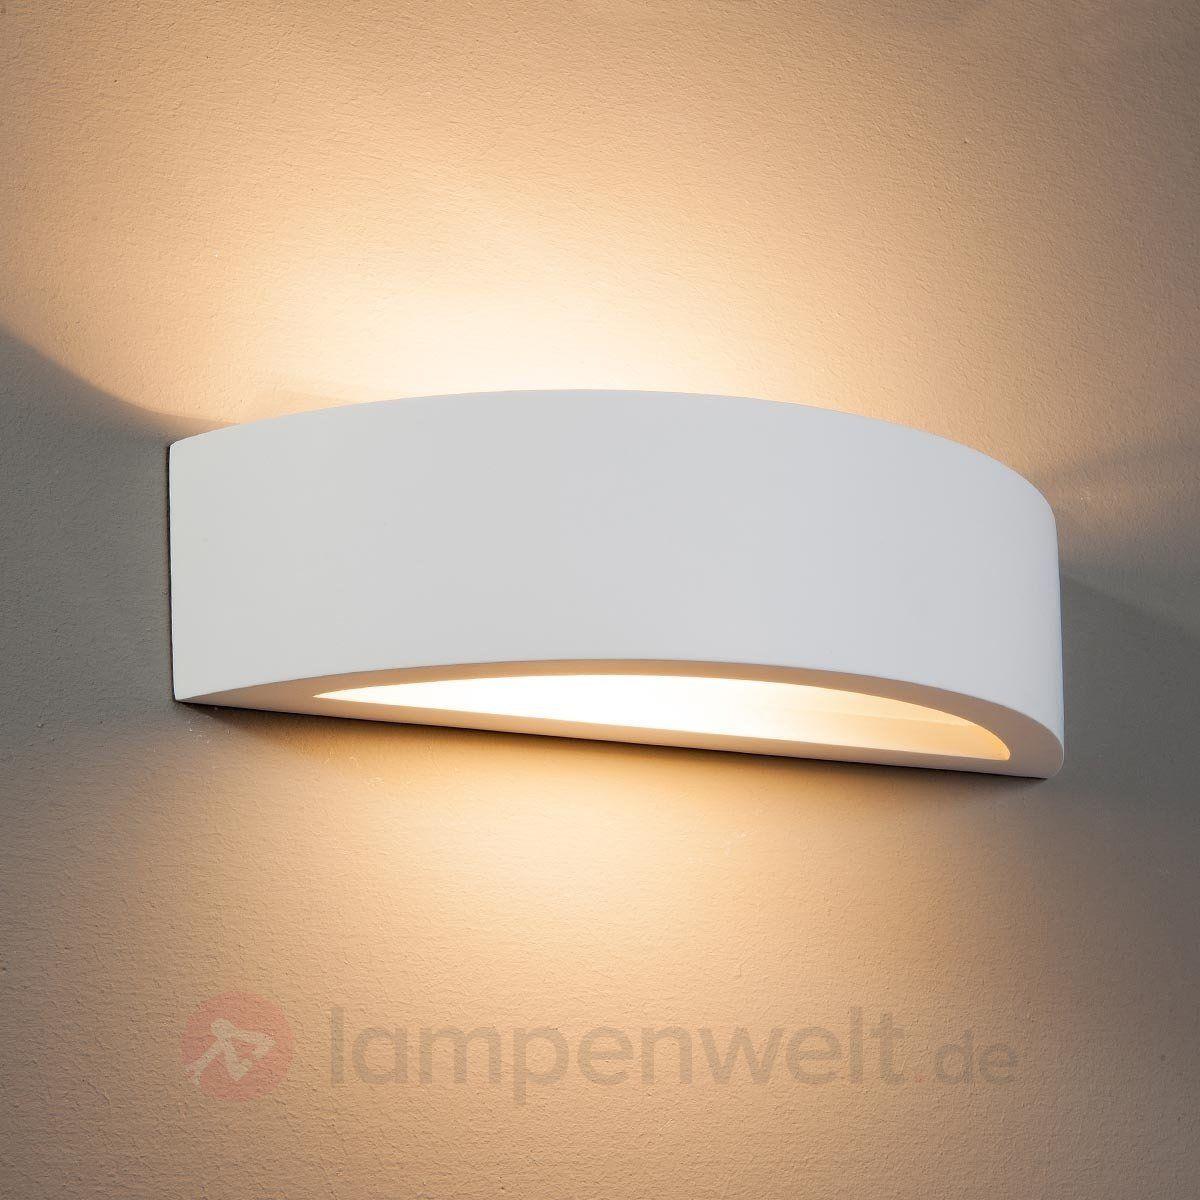 Gebogene Wandleuchte Konstantin Aus Weissem Gips 9613008 Wall Lights Wall Lamp Wall Lights Bedroom